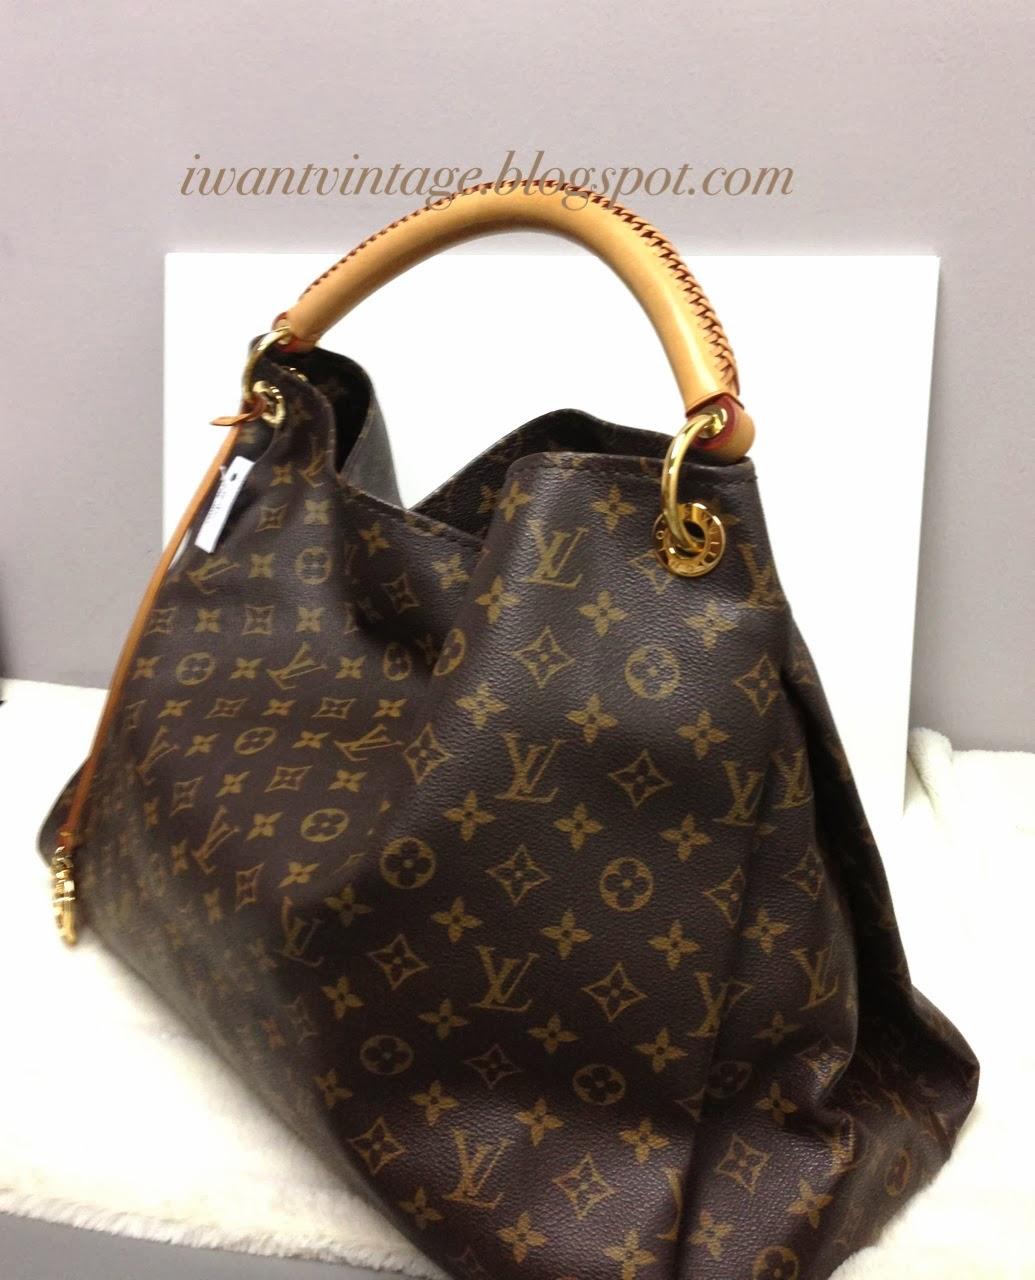 24c572761d Images Louis Vuitton Artsy Gm